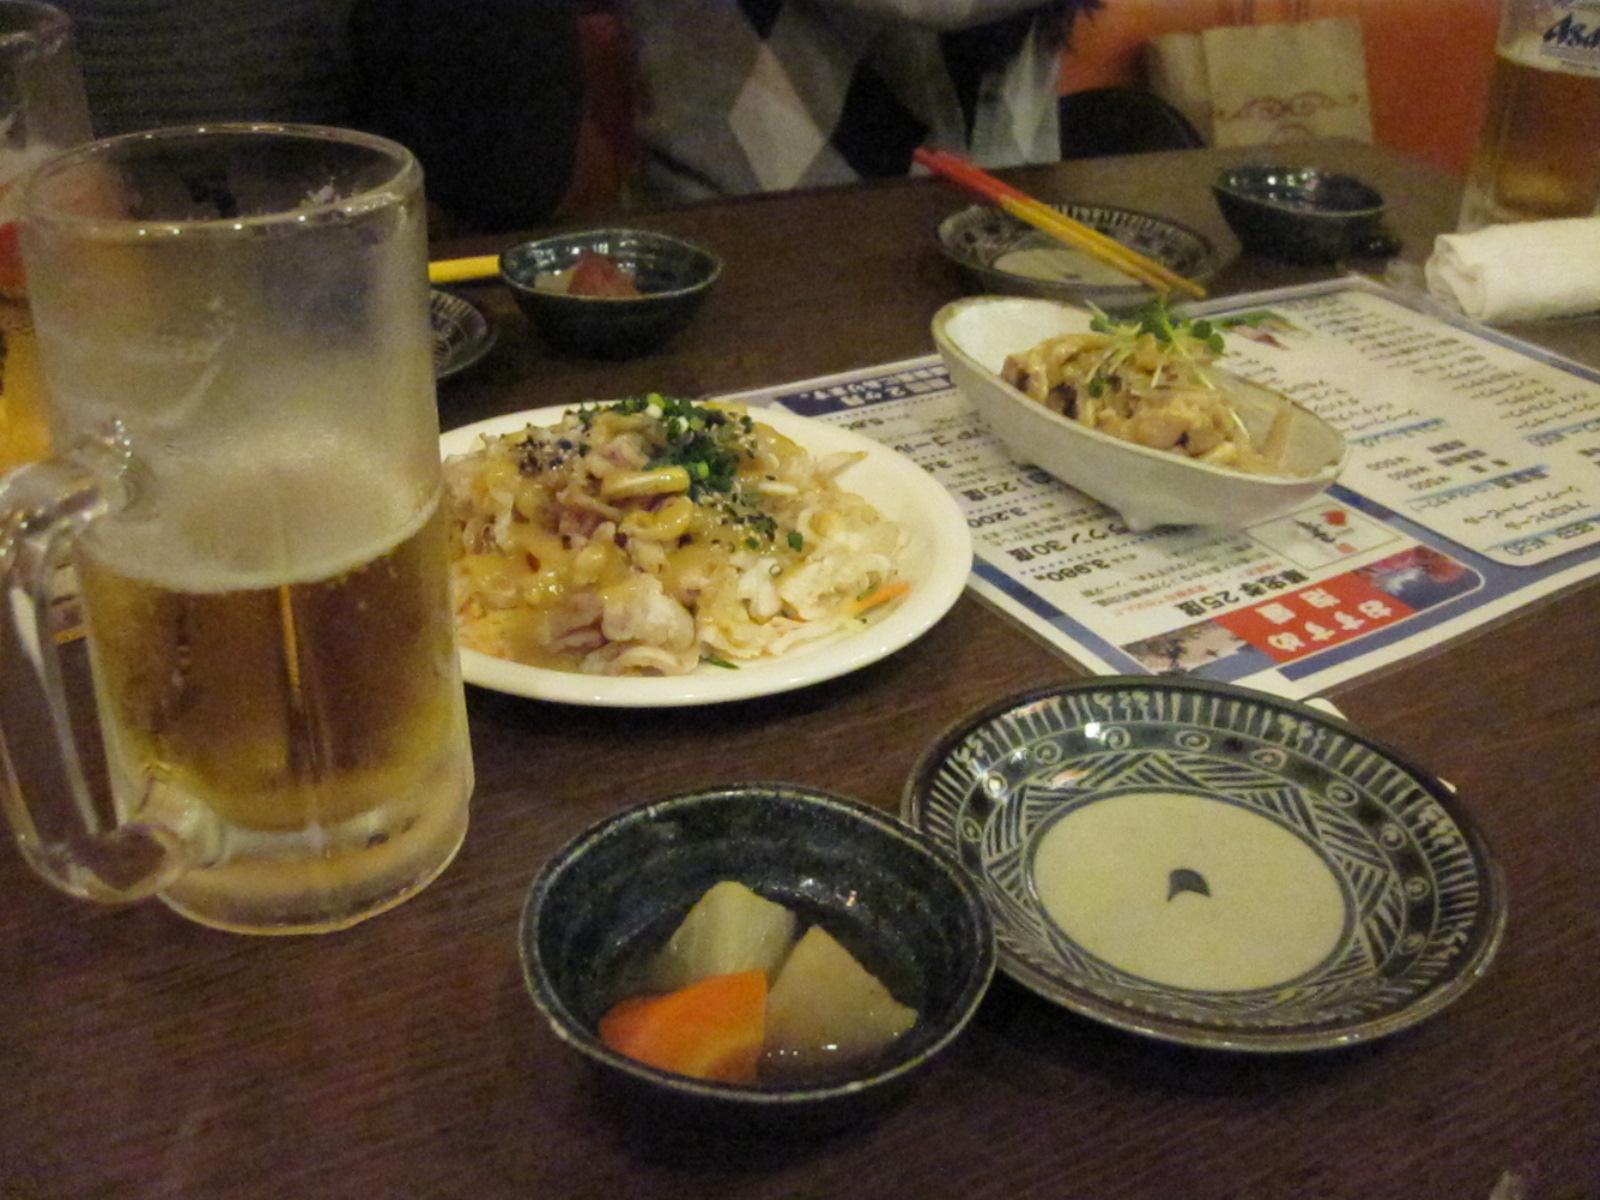 Orejas de cerdo, estilo Okinawa